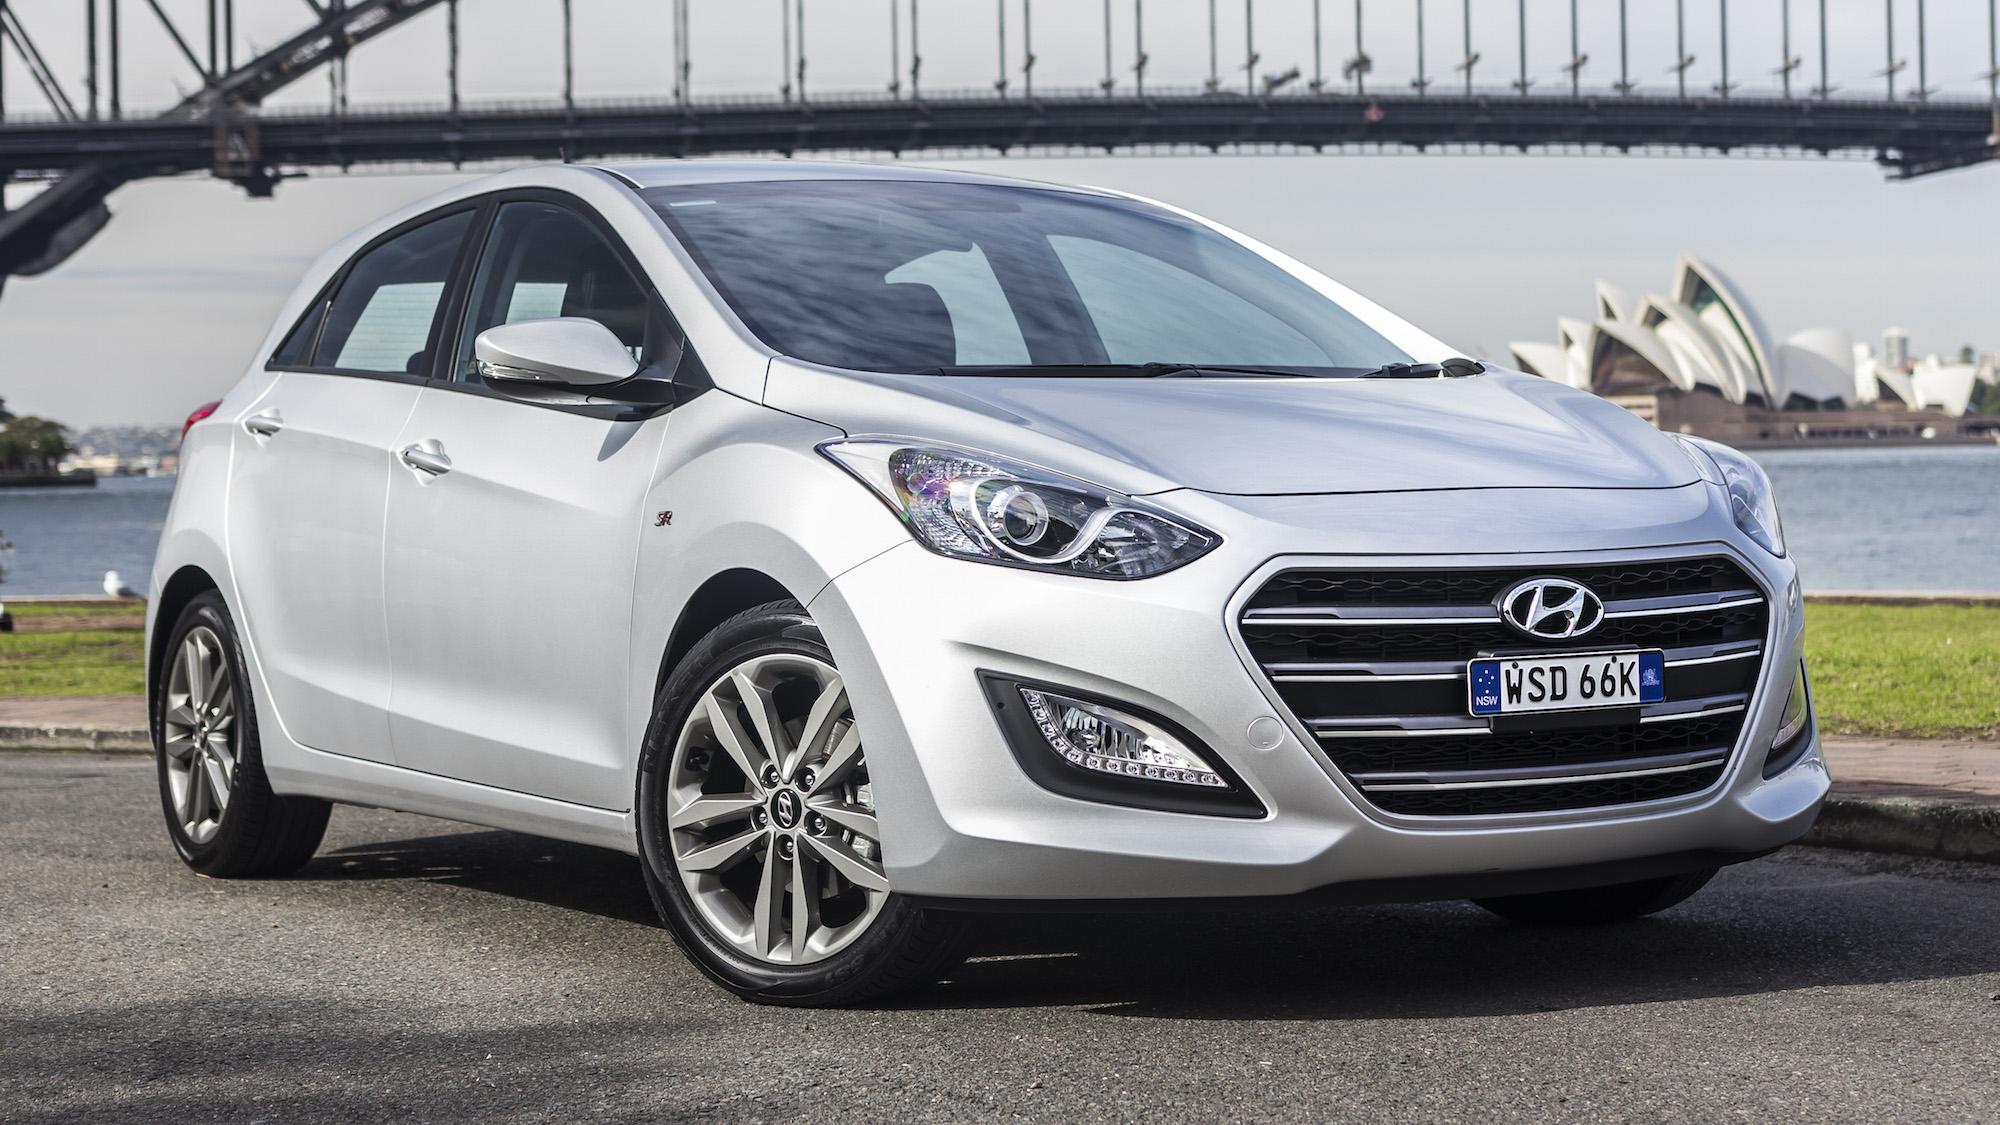 2016 Hyundai i30, Tucson, Santa Fe pick up Apple CarPlay in